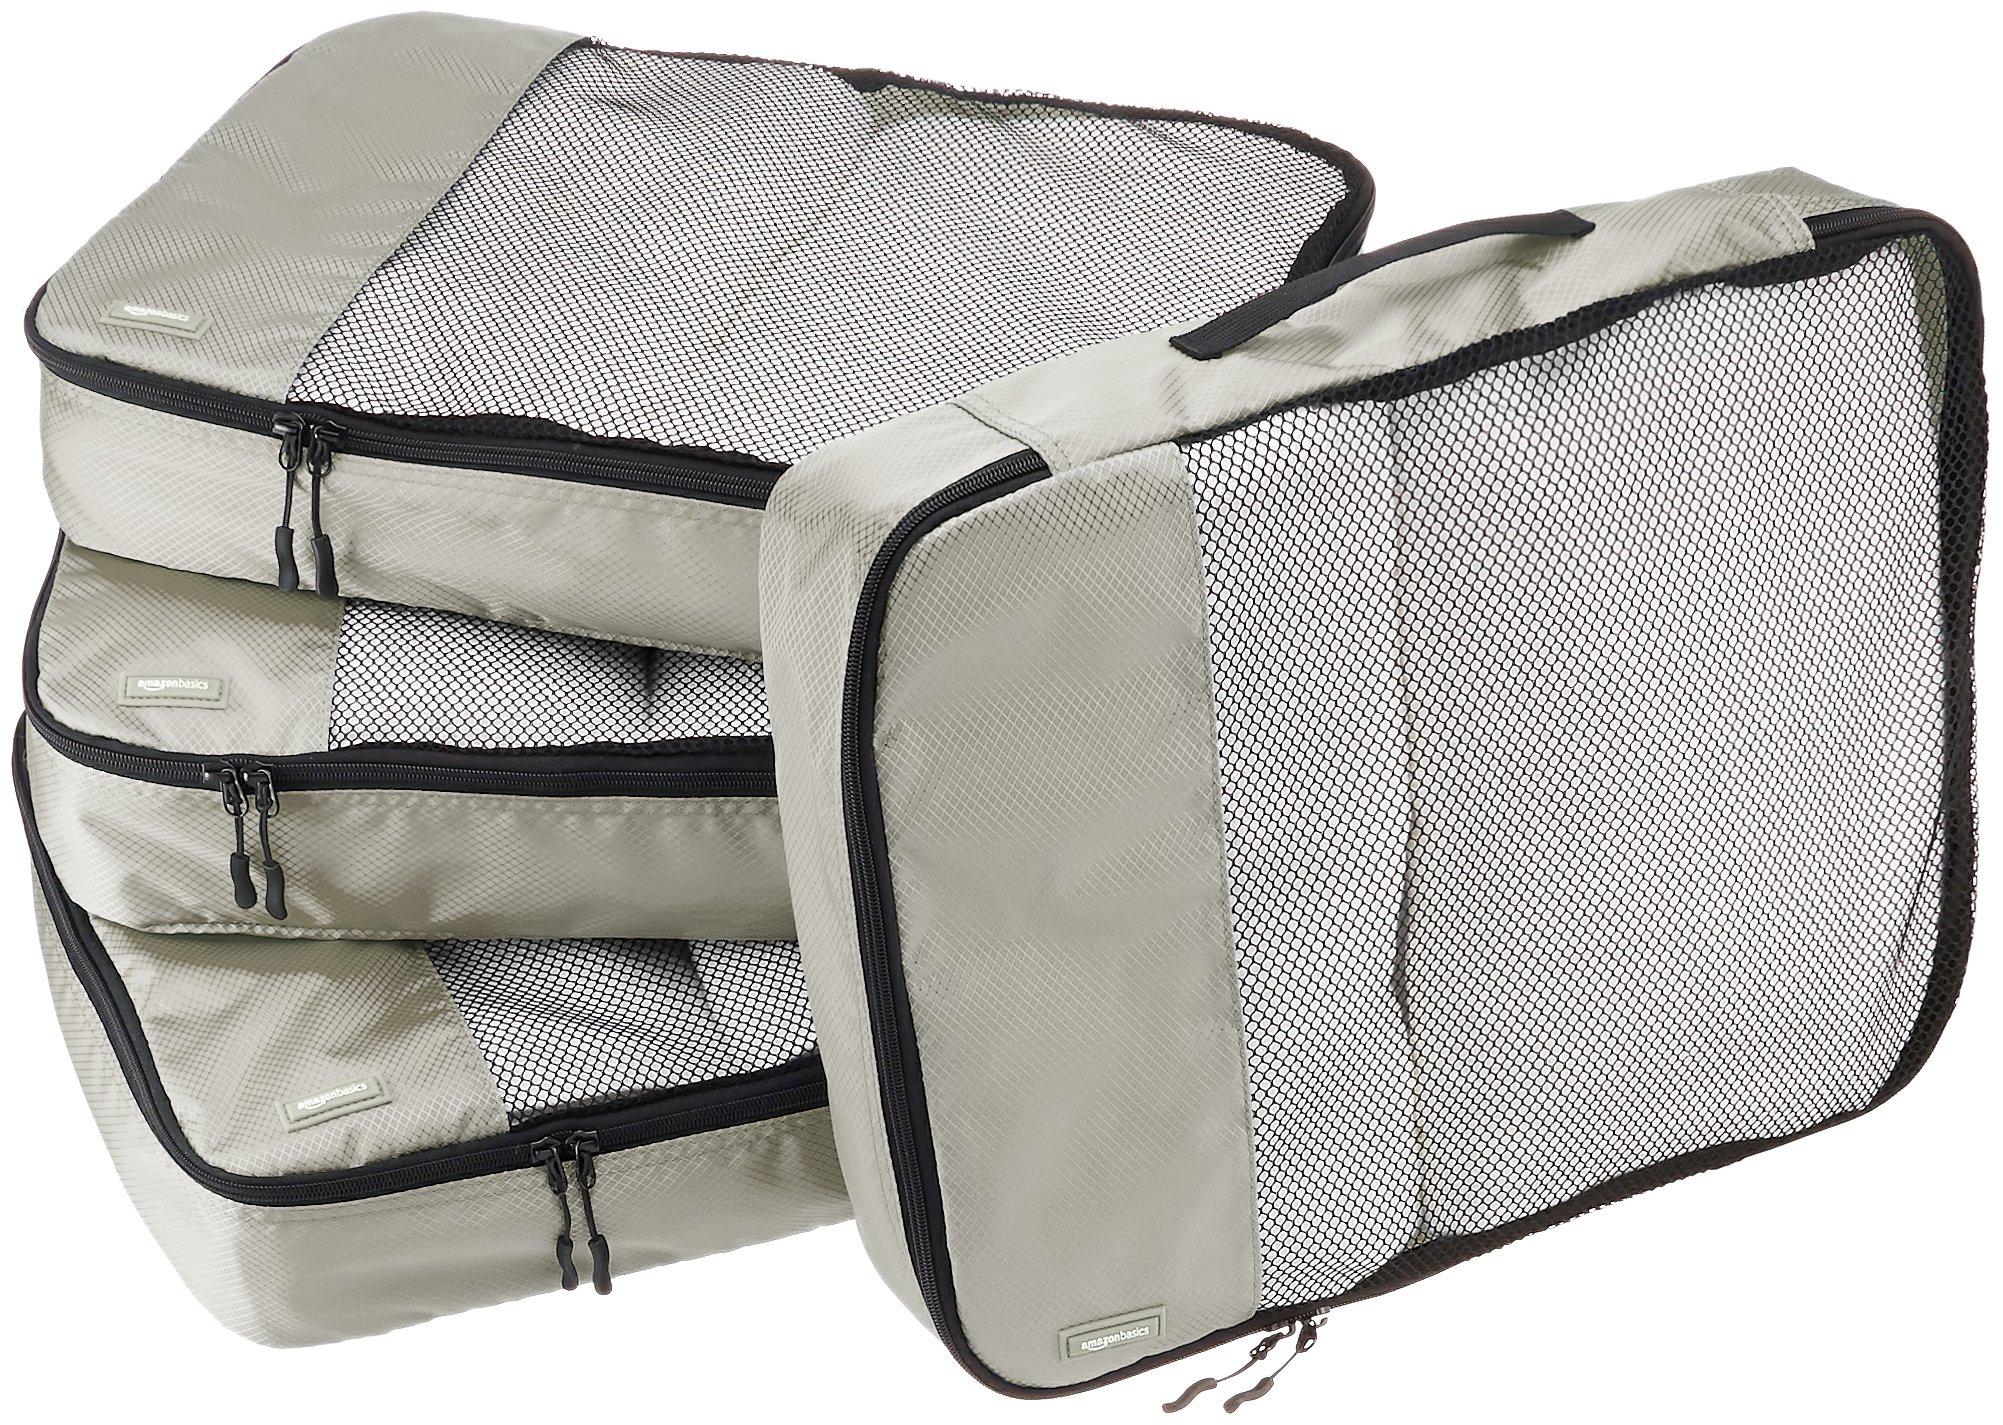 AmazonBasics 4-Piece Packing Cube Set - Large, Gray